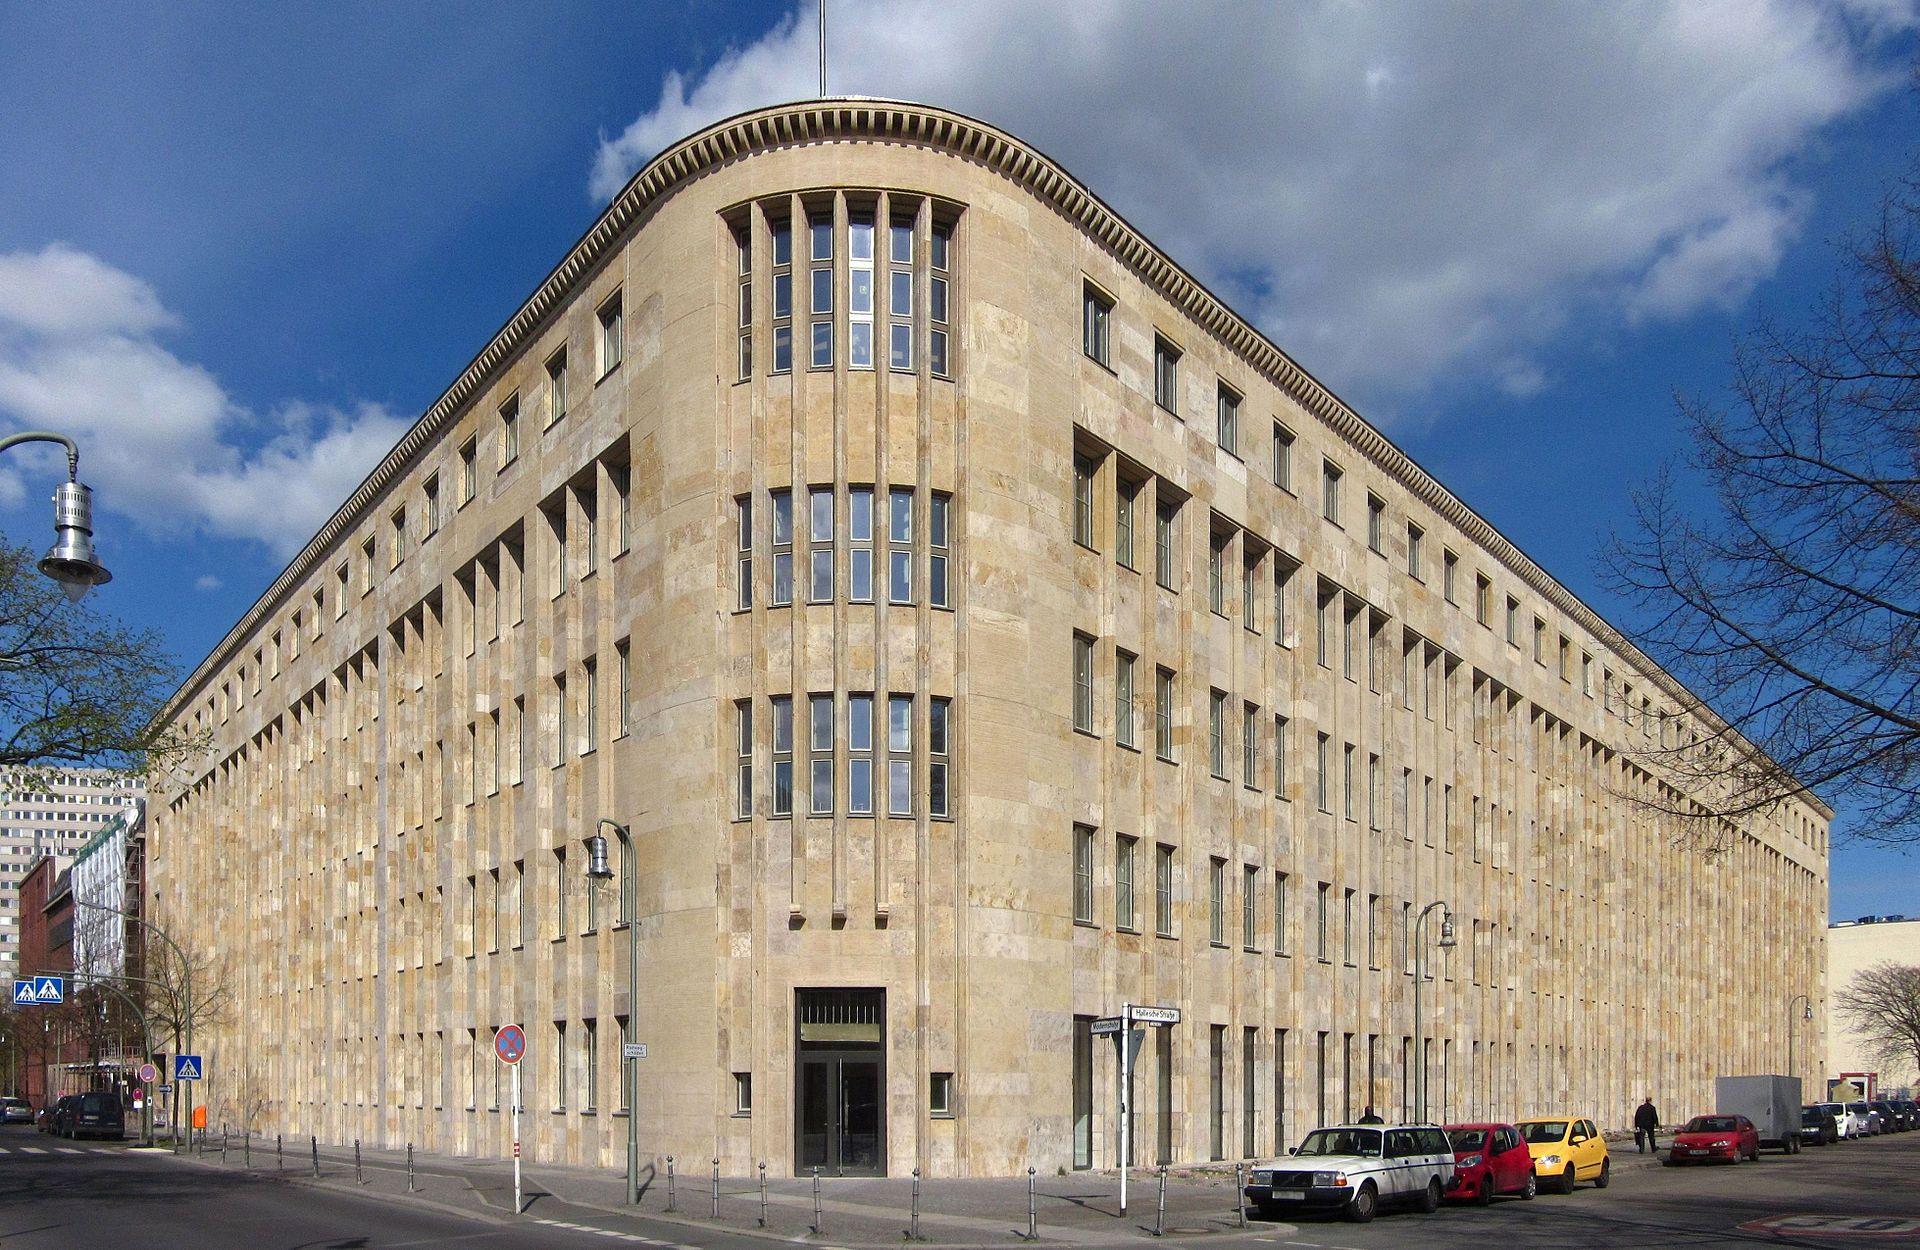 Früher Postamt, heute Hotel: Das Crowne Plaza am Anhalter Bahnhof. (c) Jörg Zägel/Wikipedia